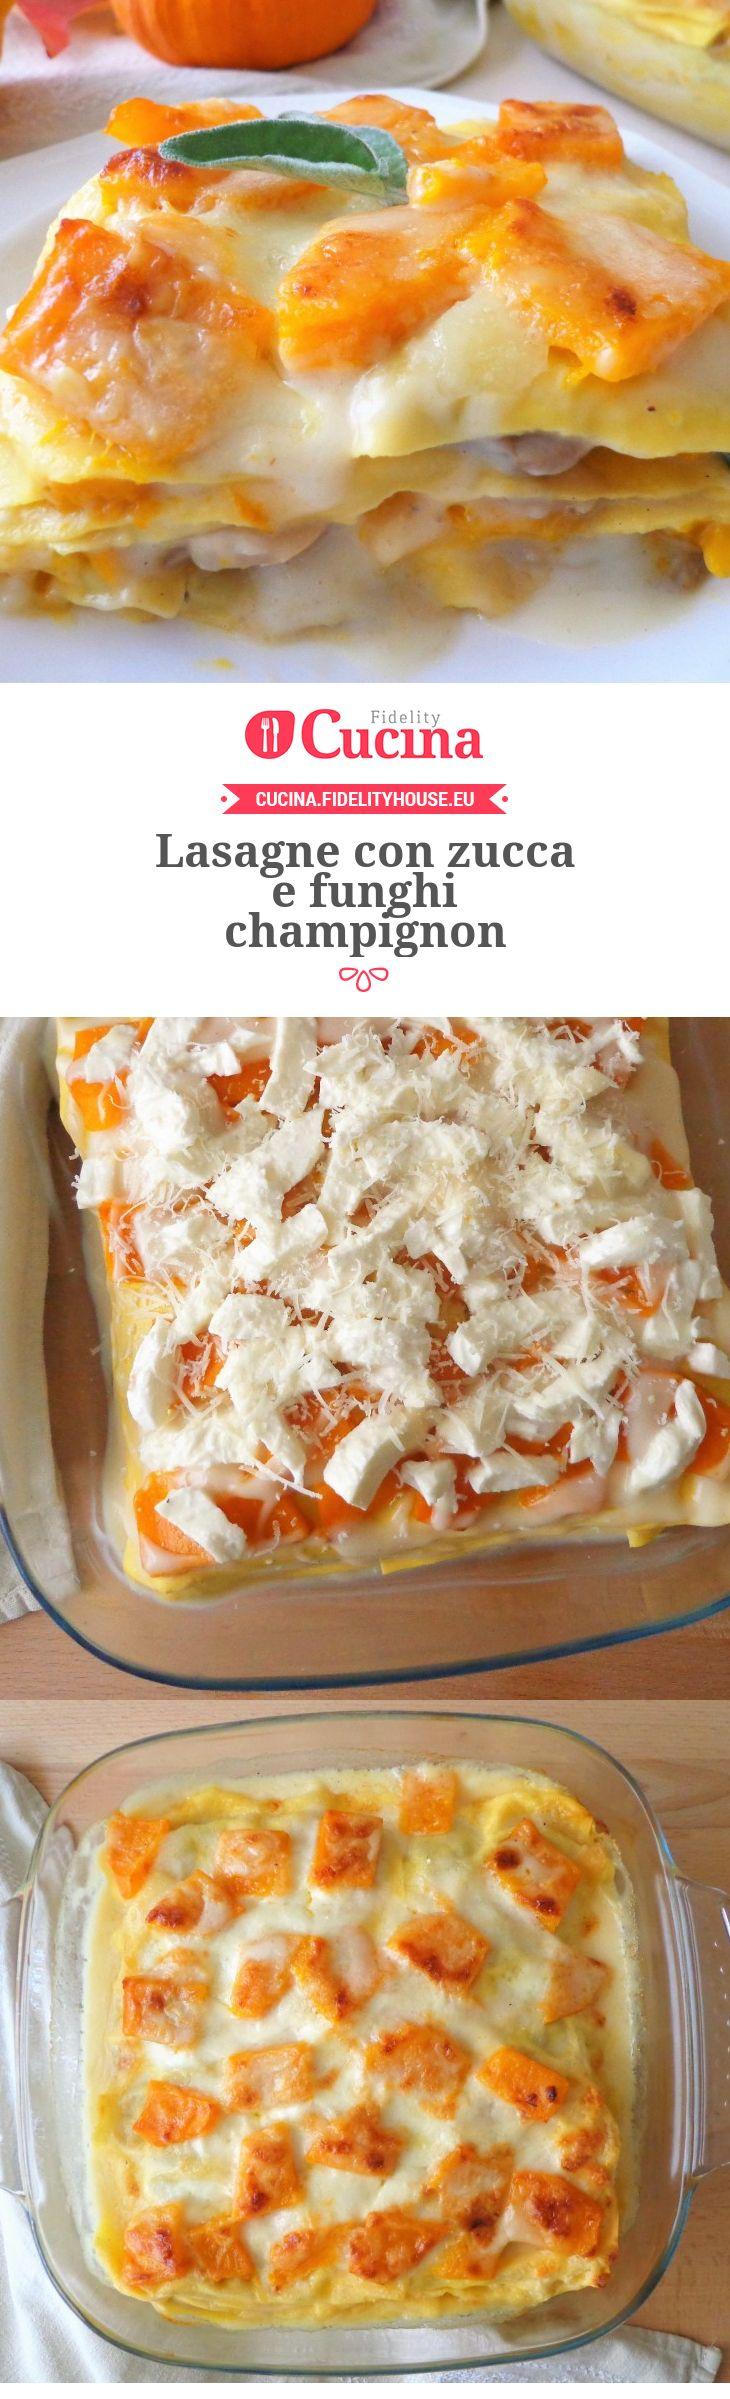 #Lasagne con #zucca e #funghi champignon della nostra utente Magdalena. Unisciti alla nostra Community ed invia le tue ricette!